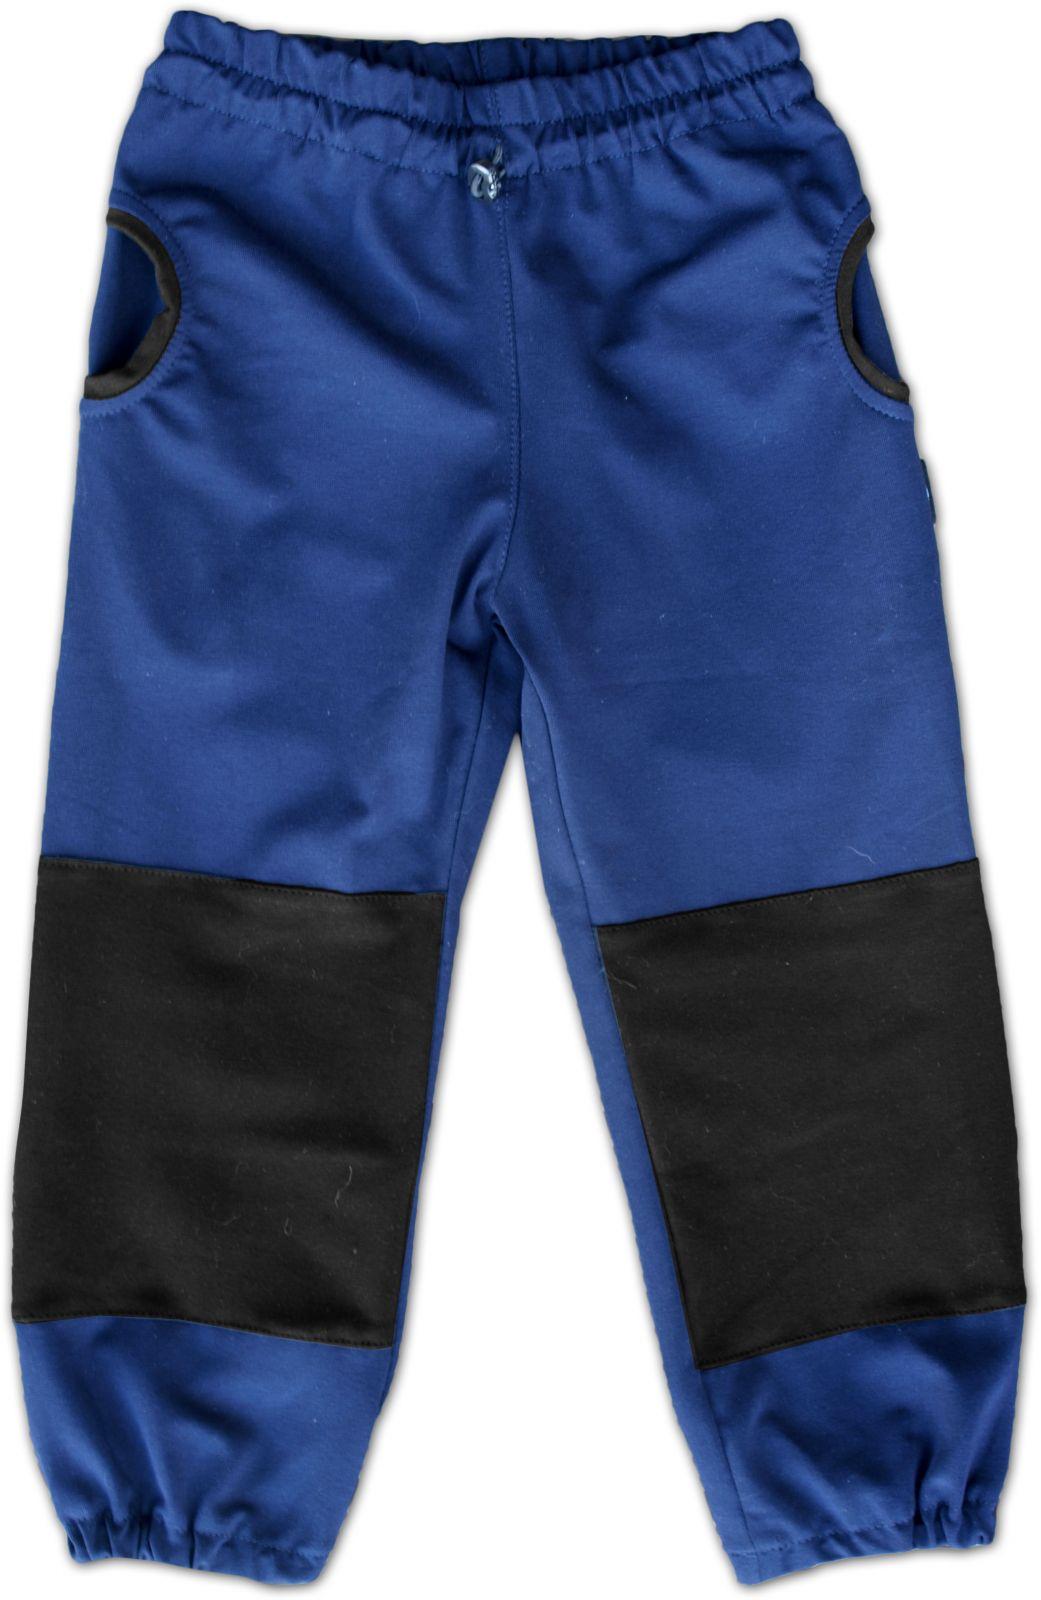 Dětské tepláky s kapsami, bavlněné, tmavě modré, velikost 86